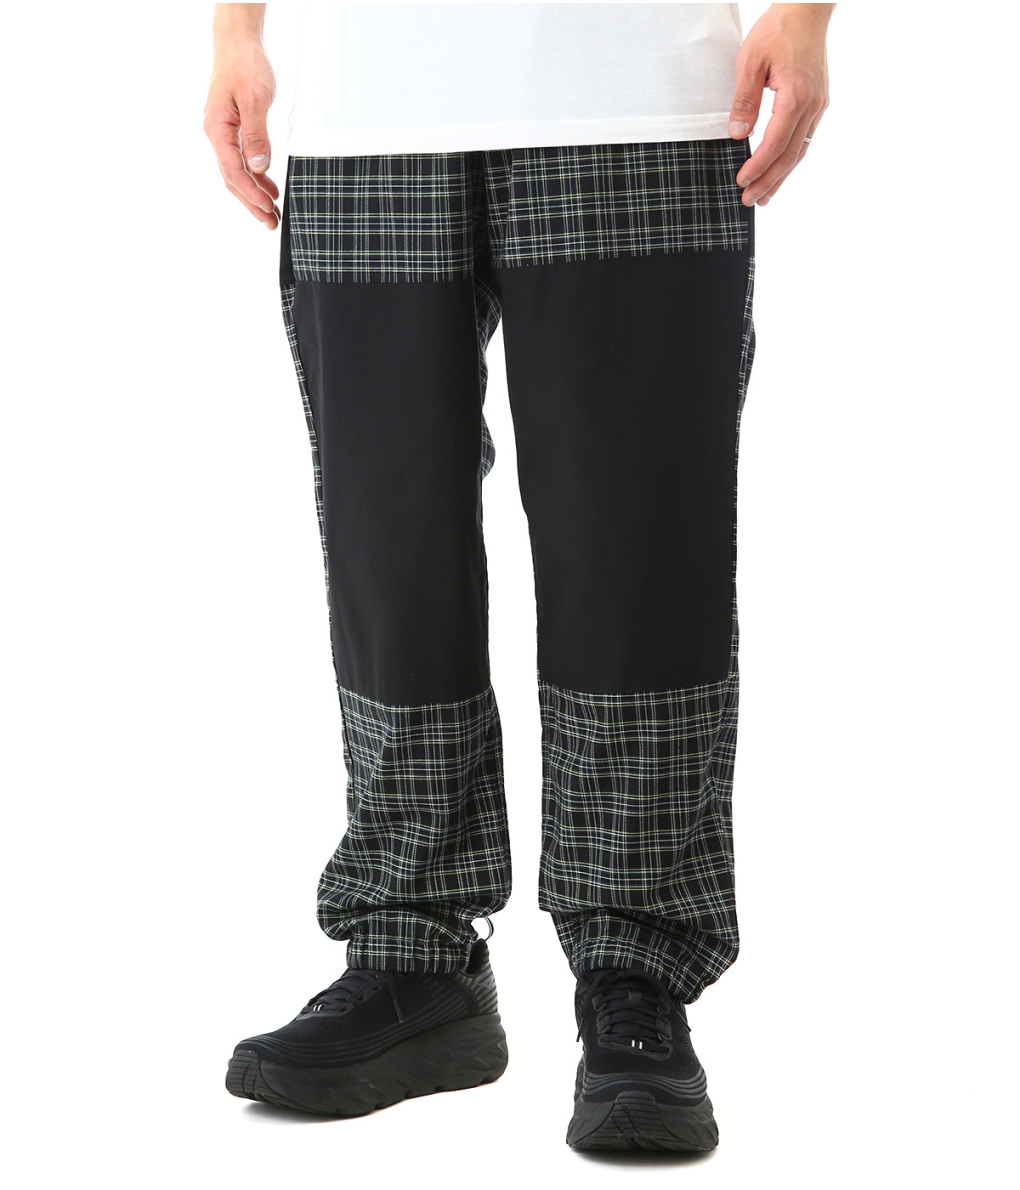 【アウトレットキャンペーン!】F-LAGSTUF-F / フラッグスタッフ : CHECK EASY PANTS : チェック イージー パンツ イージーパンツ メンズ : 19SS-FS-35 【AST】